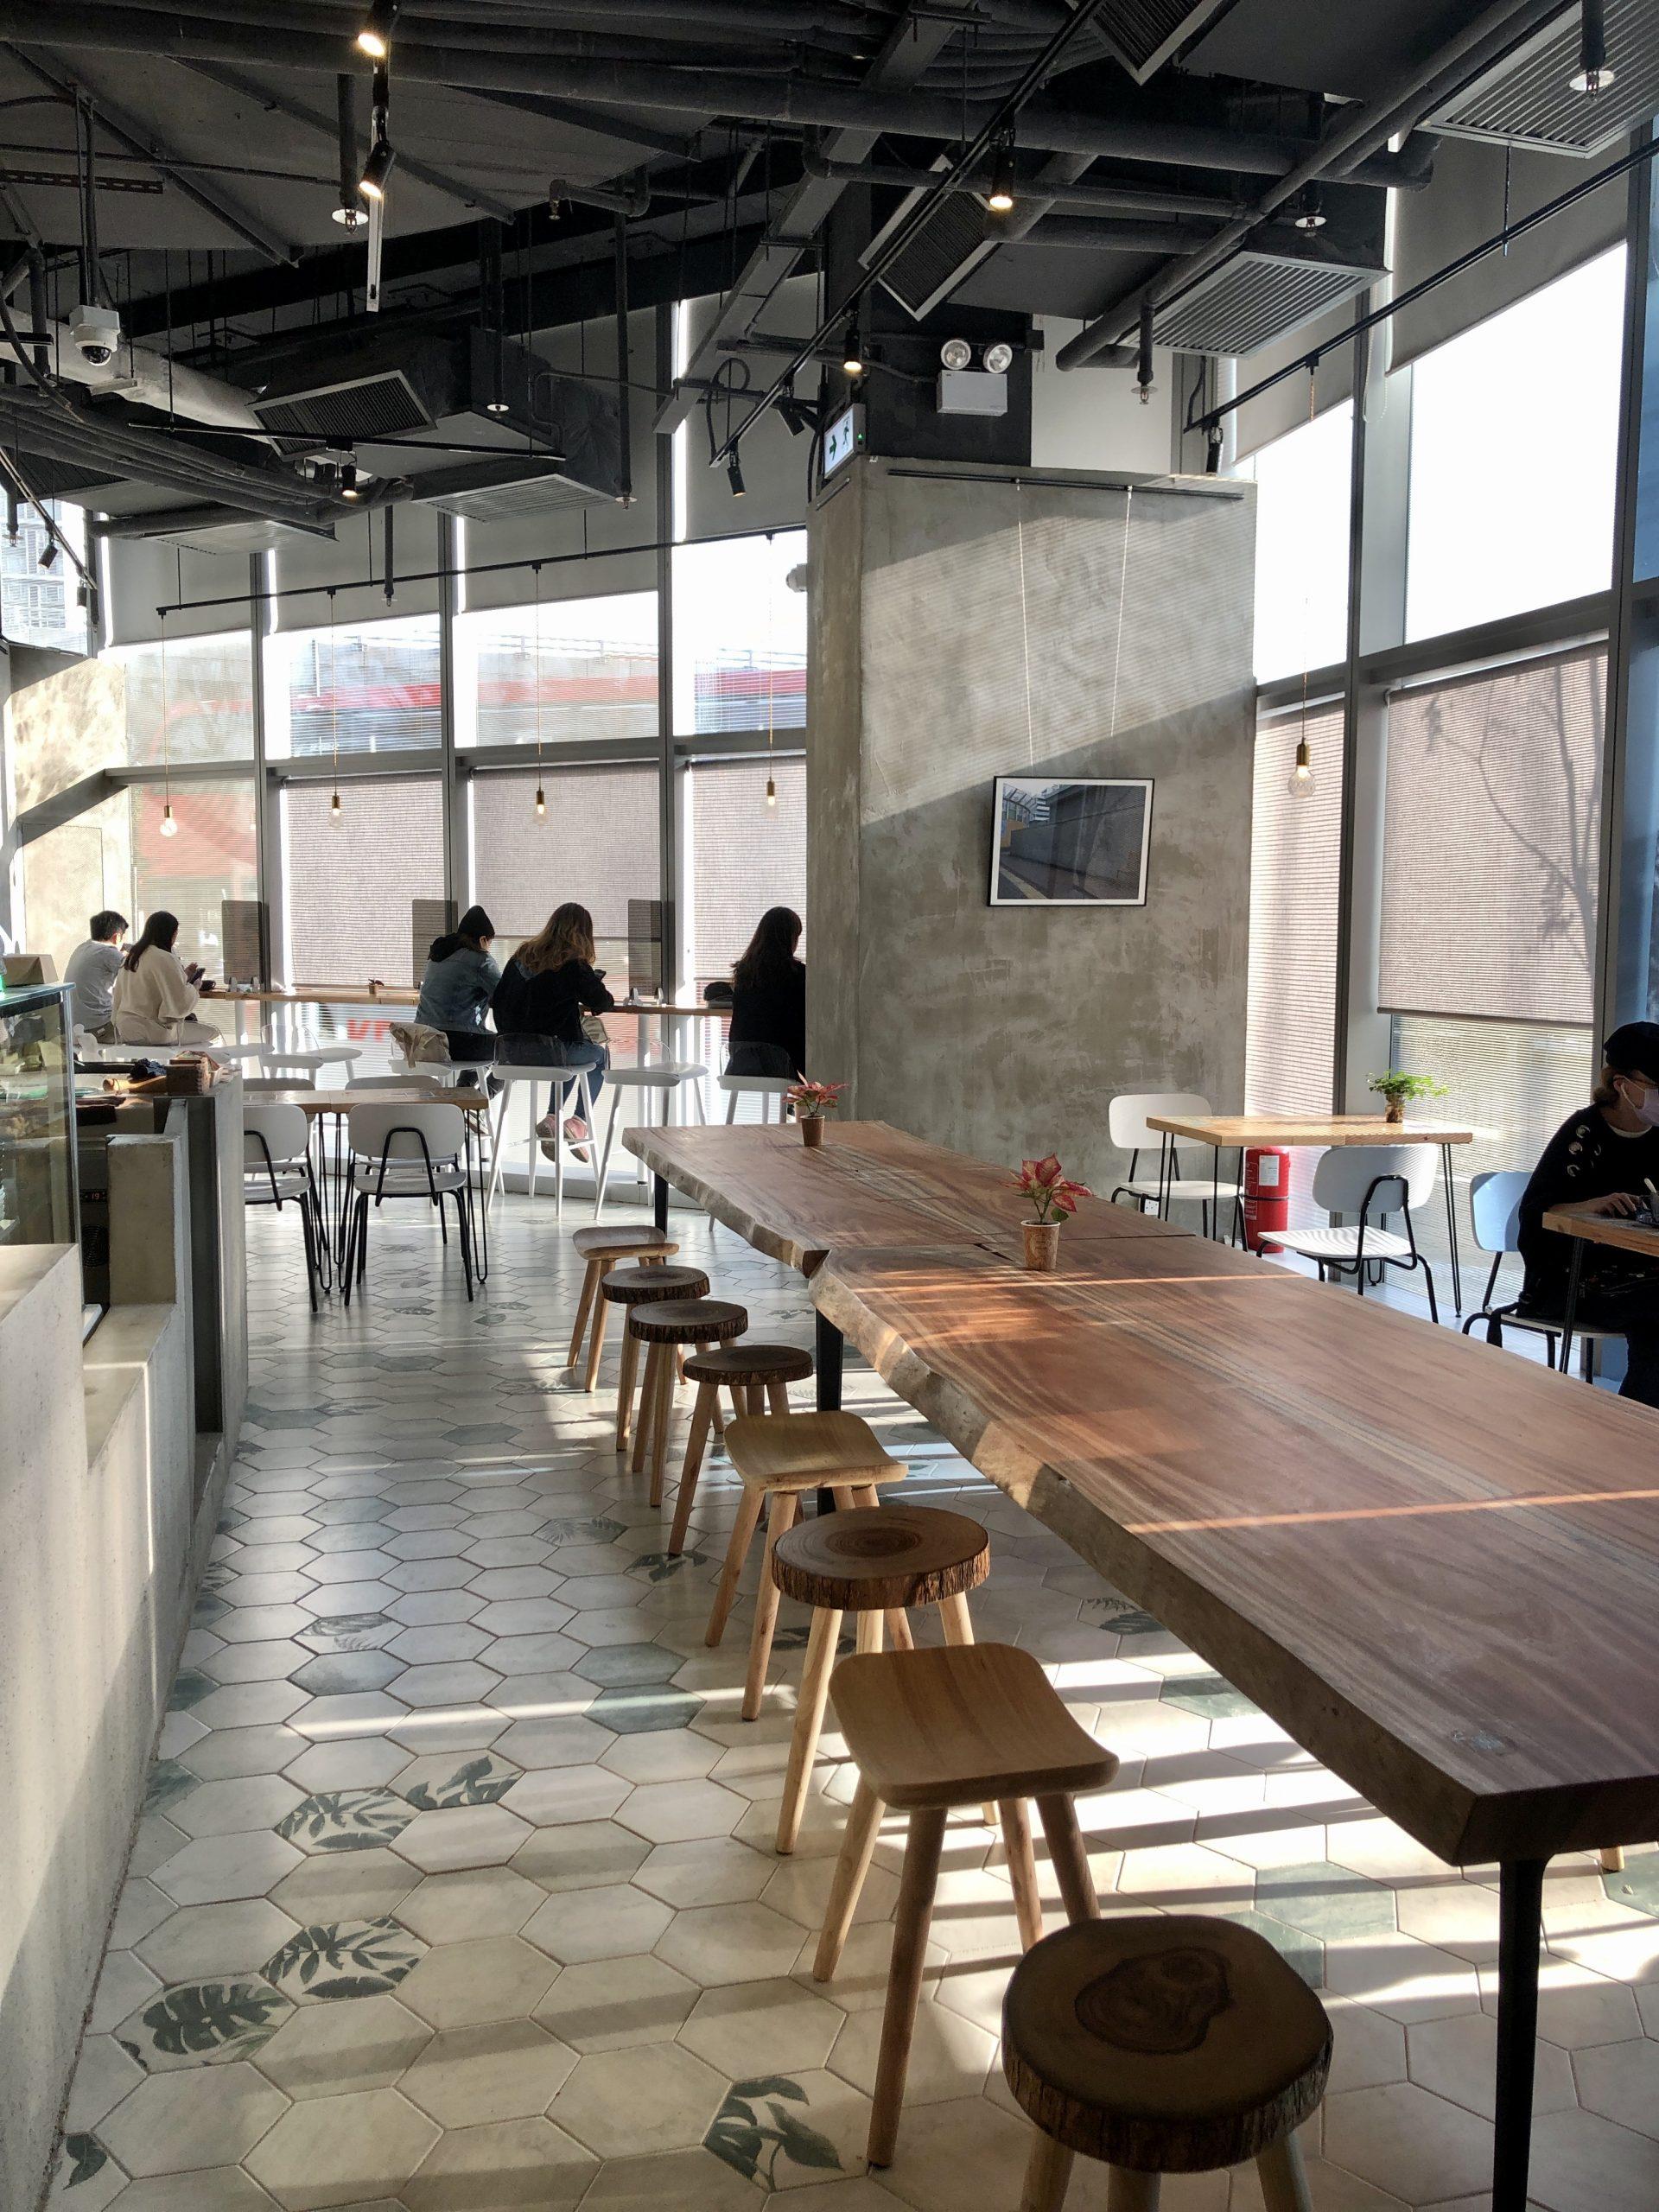 觀塘 Master Room Cafe 環境 長尾工作室 community table